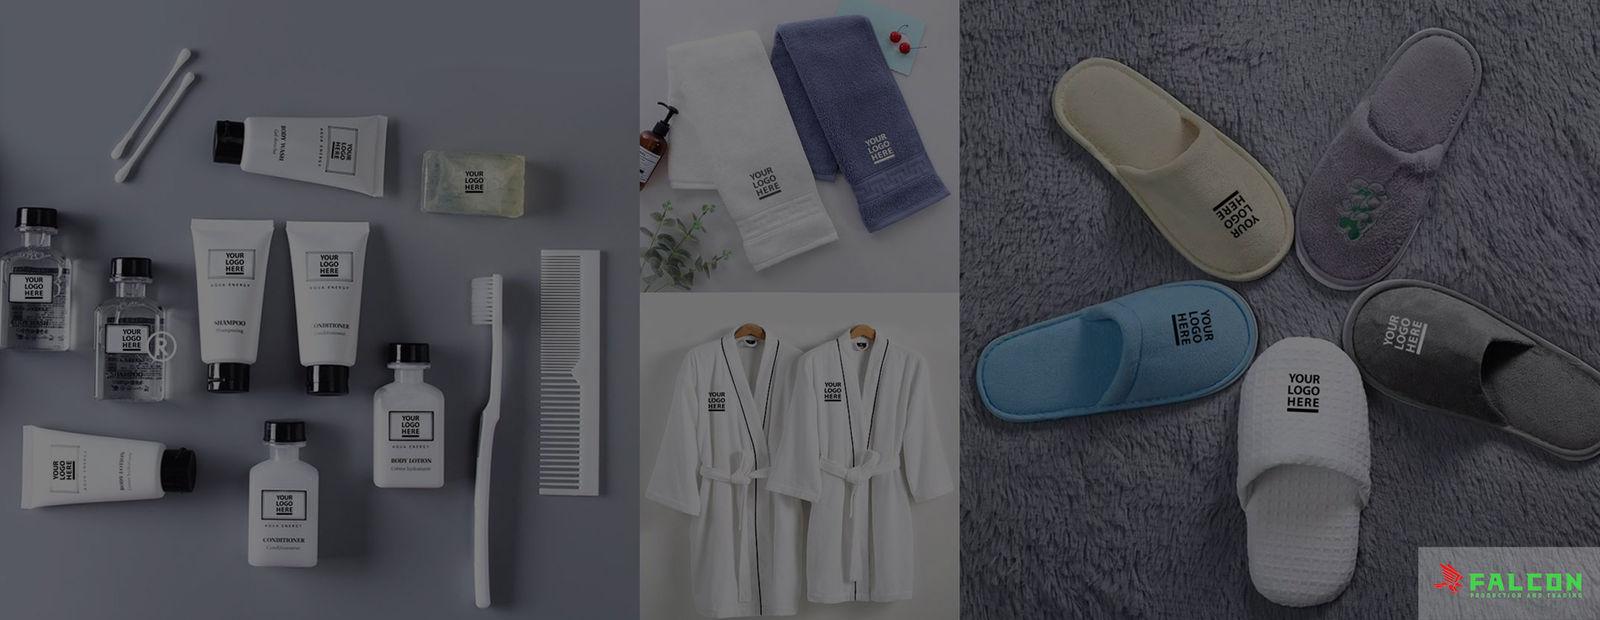 Cung cấp các sản phẩm đồ dung khách sạn